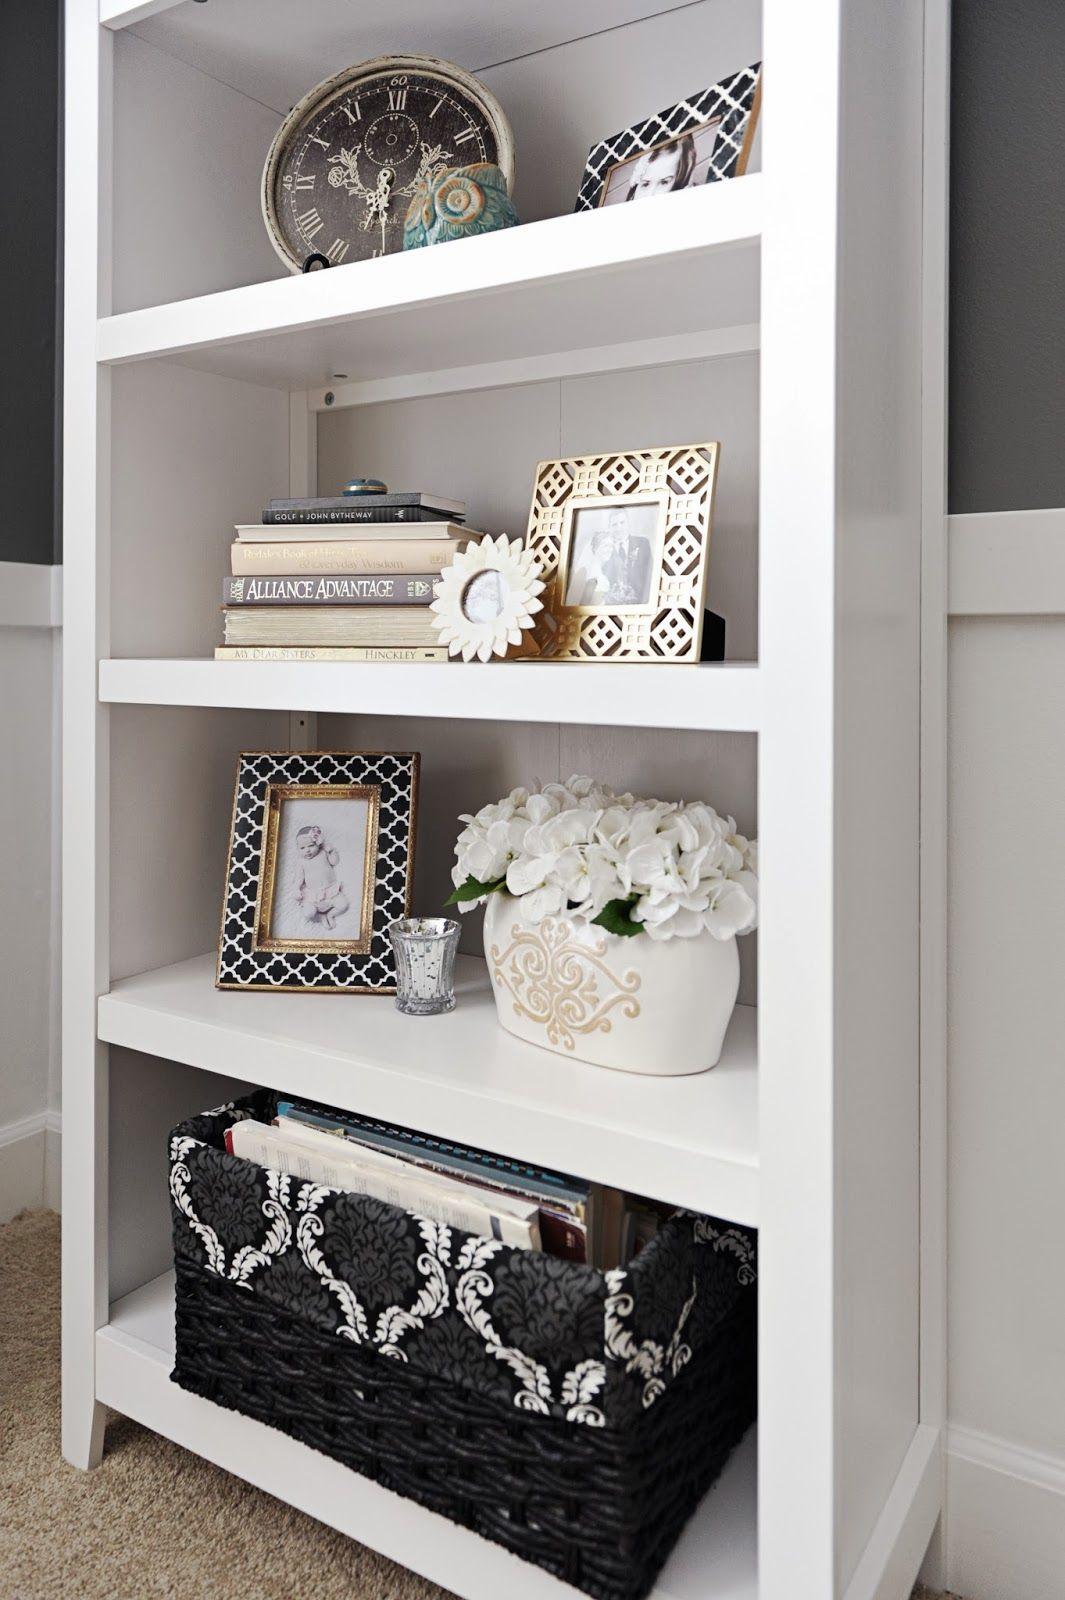 How To Stage A Bookcase Bookcase Decor Home Decor Bookshelf Decor